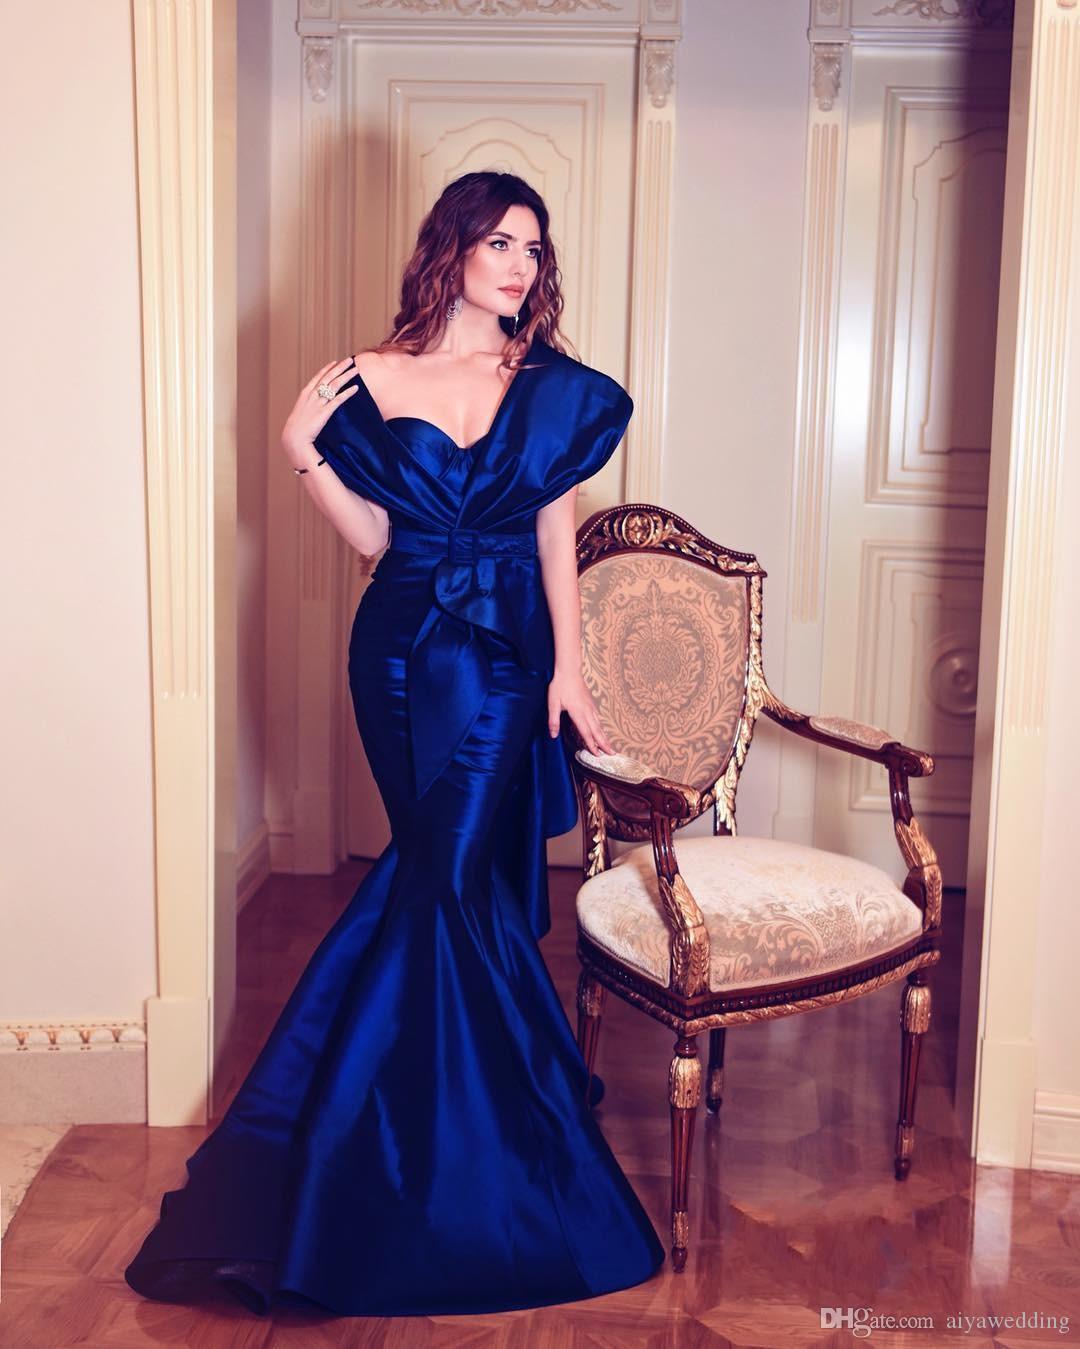 Großhandel Günstige Diamant Blau Lange Abendkleider Sexy Schulterfrei  Rüschen Geraffte Meerjungfrau Formale Abendkleid Saudi Arabien Promi Party